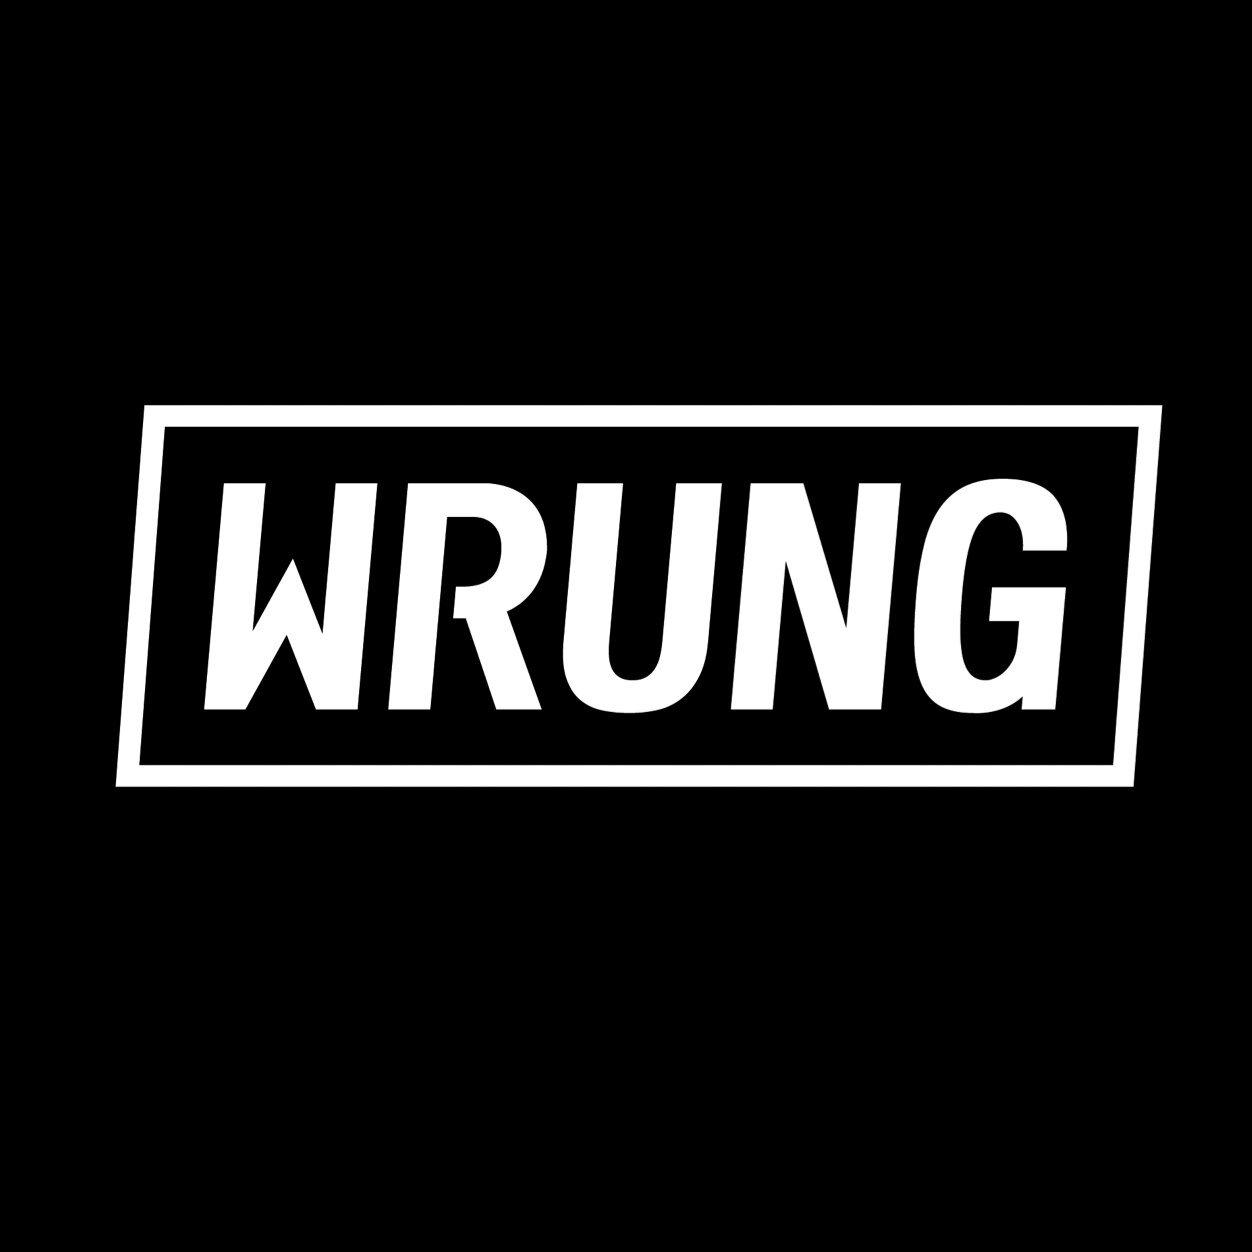 @WRUNG